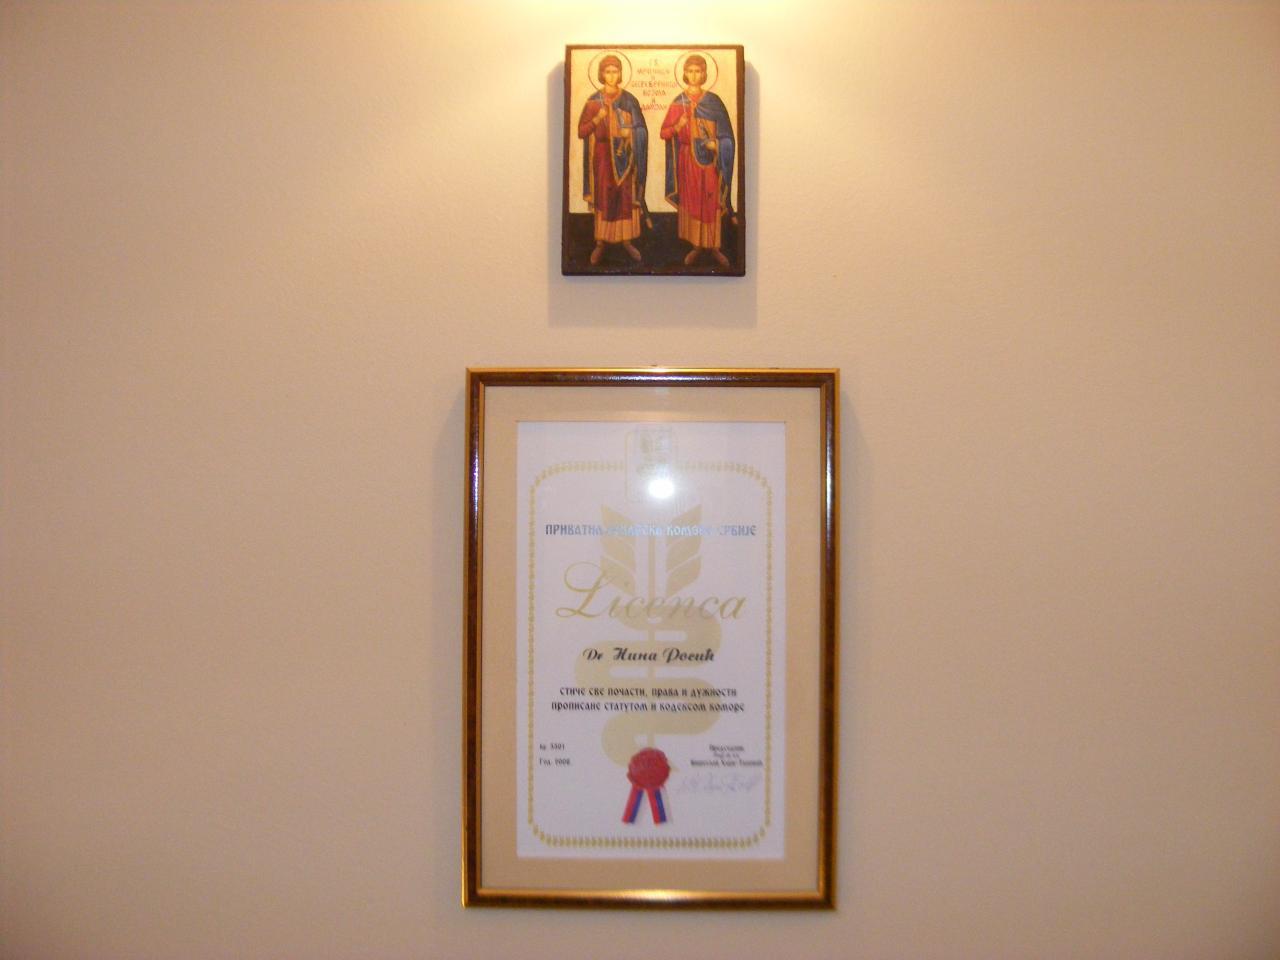 GINEKOLOŠKO AKUŠERSKA ORDINACIJA INTIMA Ginekološke ordinacije Sremska Mitrovica